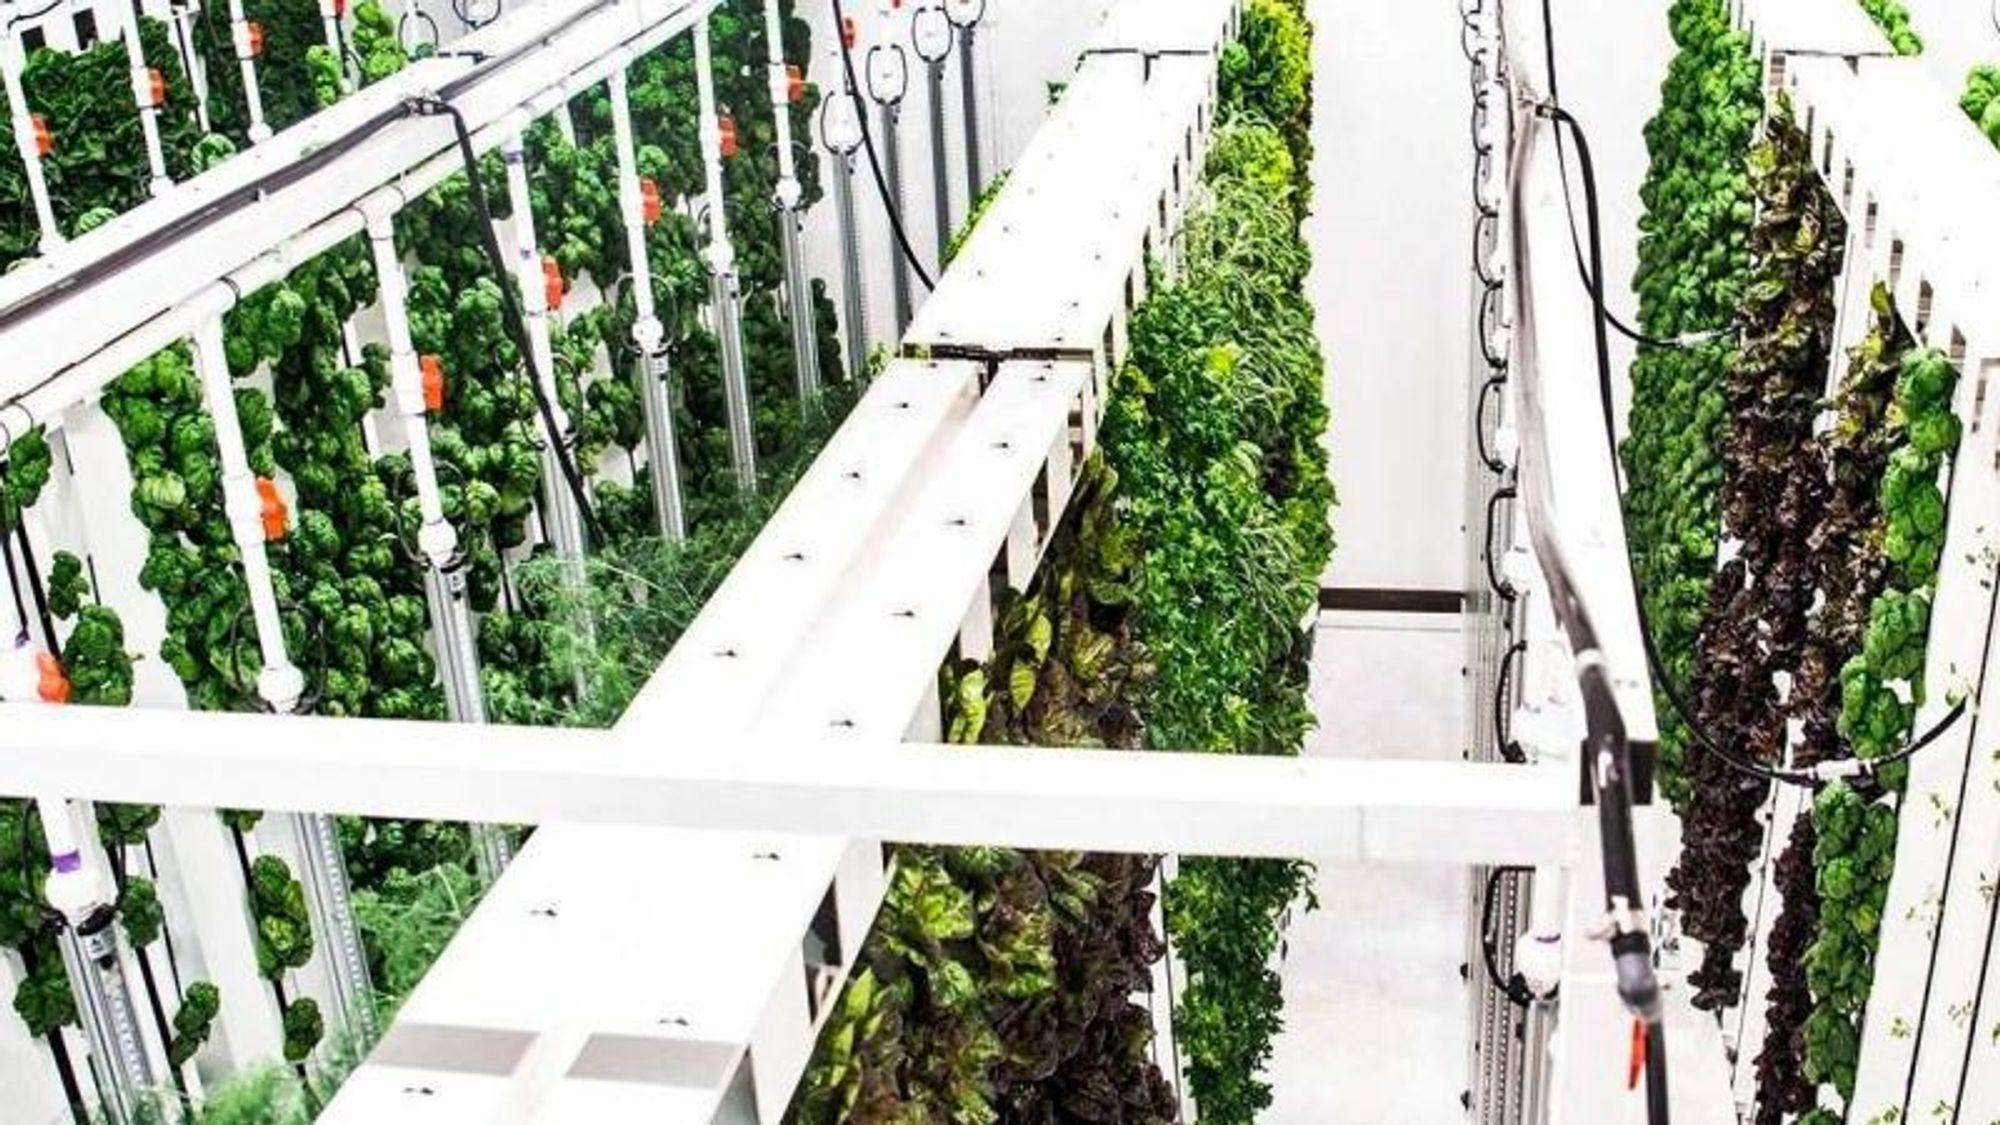 I Plentys såkalte zipgrow-tårn vokser planter i en slags kunstige nettfibre eller granulat.